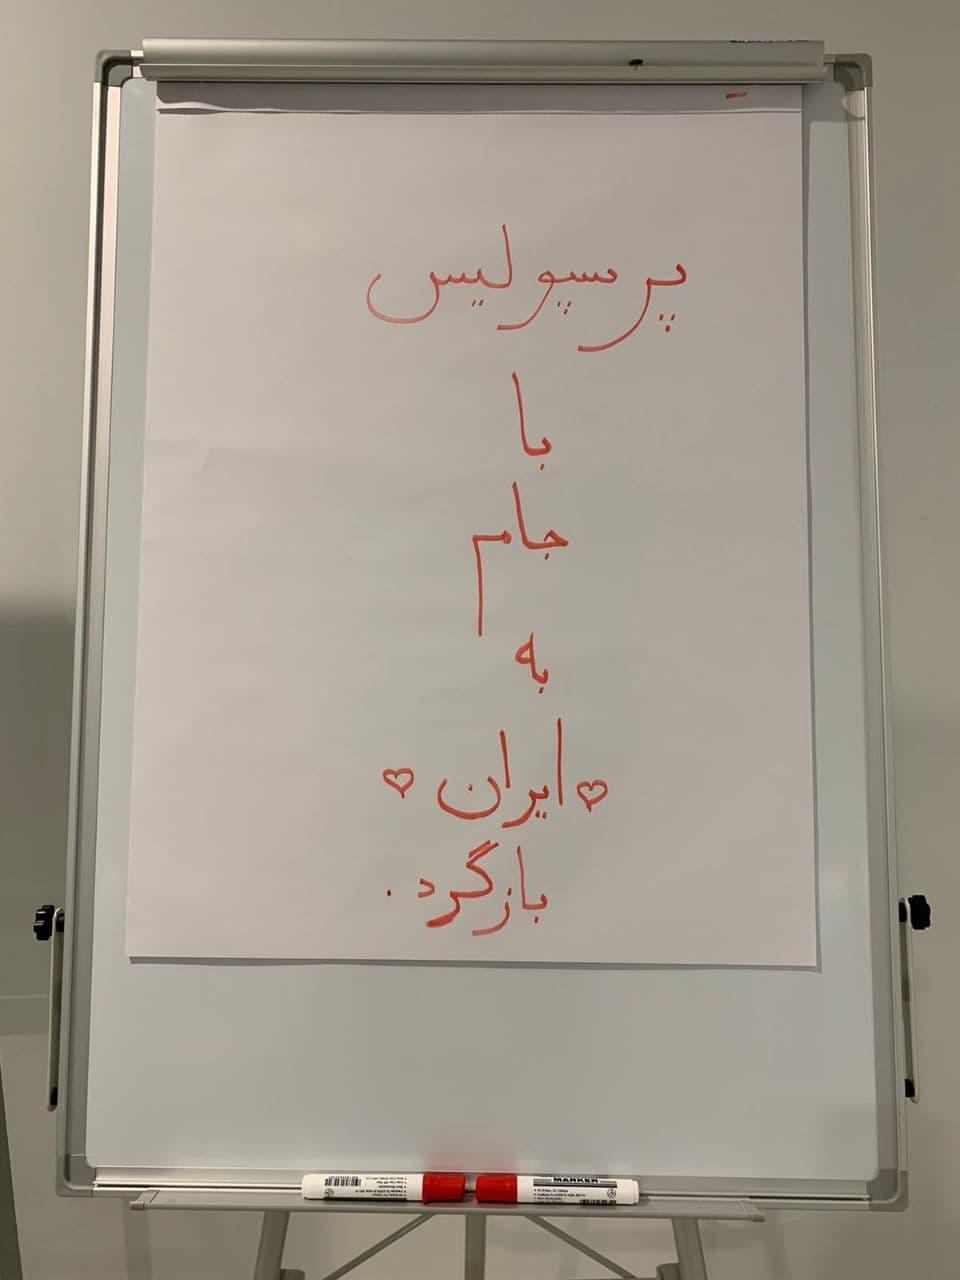 یادگاری ایرانی های قطر در رختکن پرسپولیس